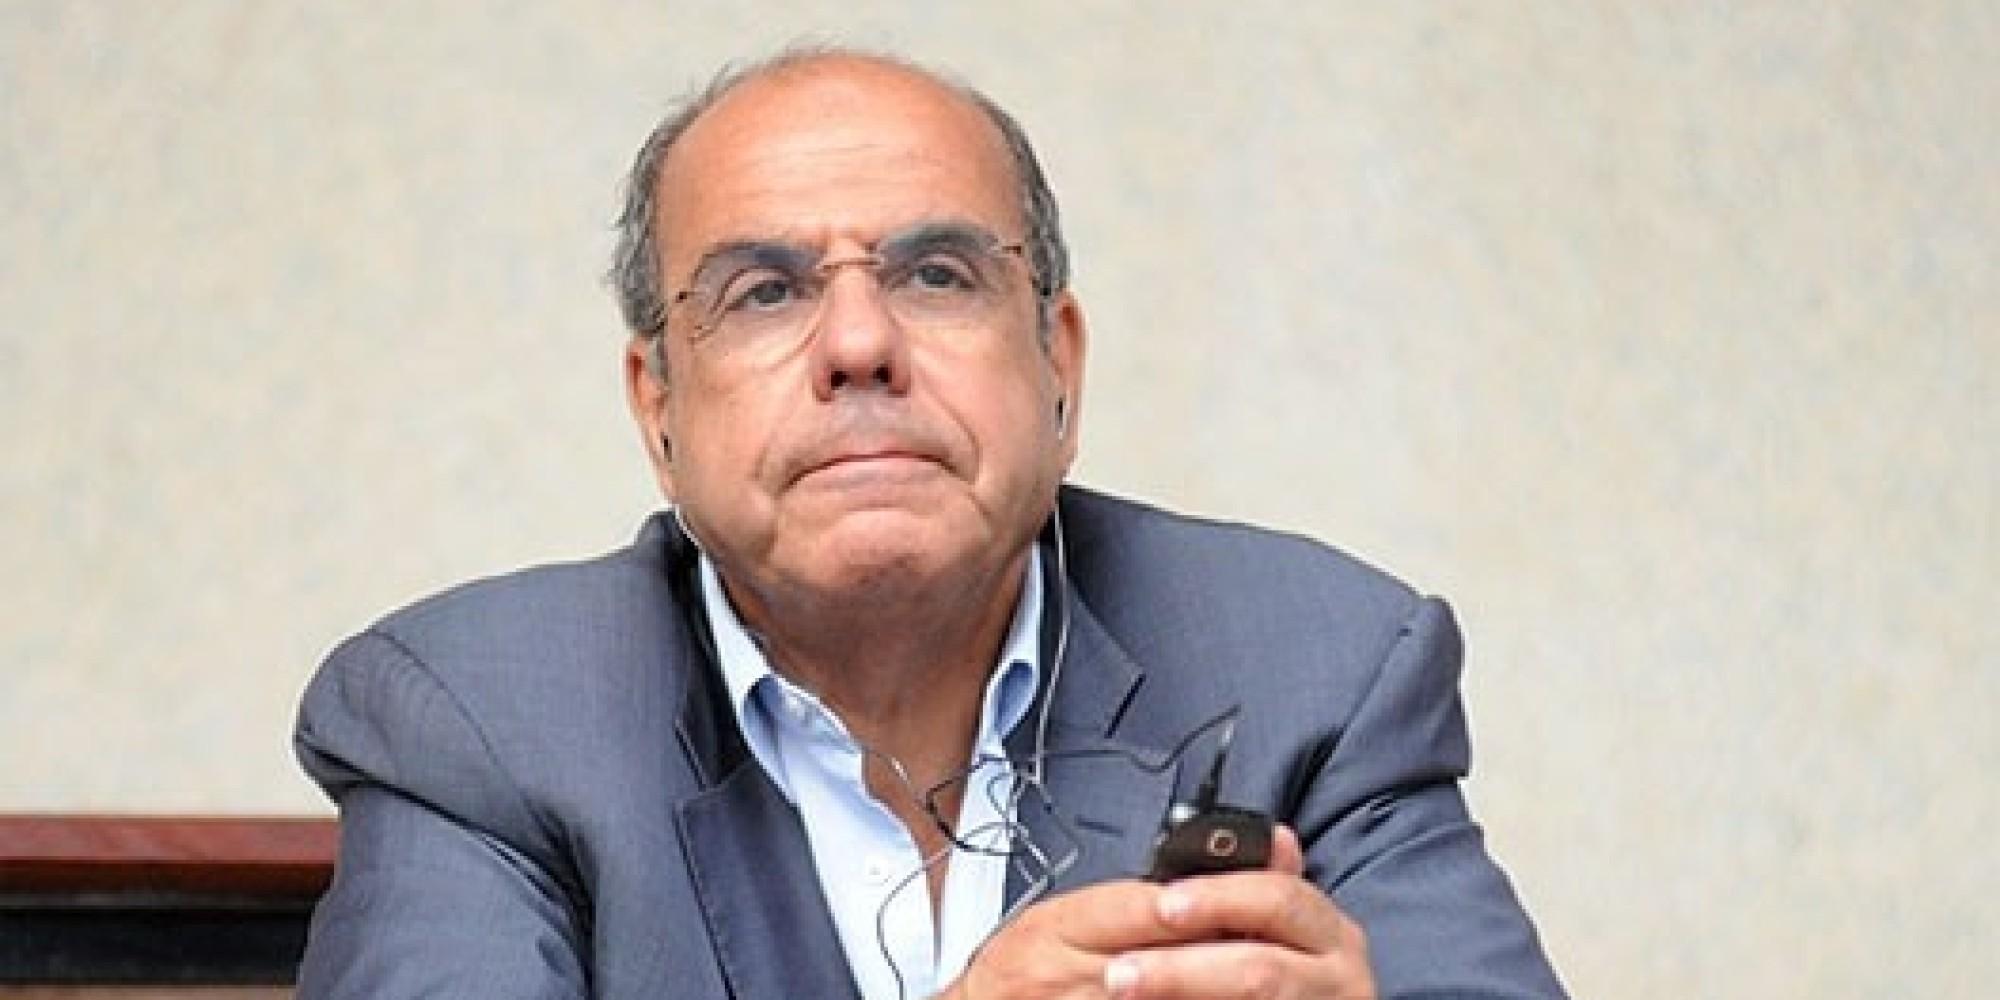 Raouraoua doit partir, selon le ministre des Sports